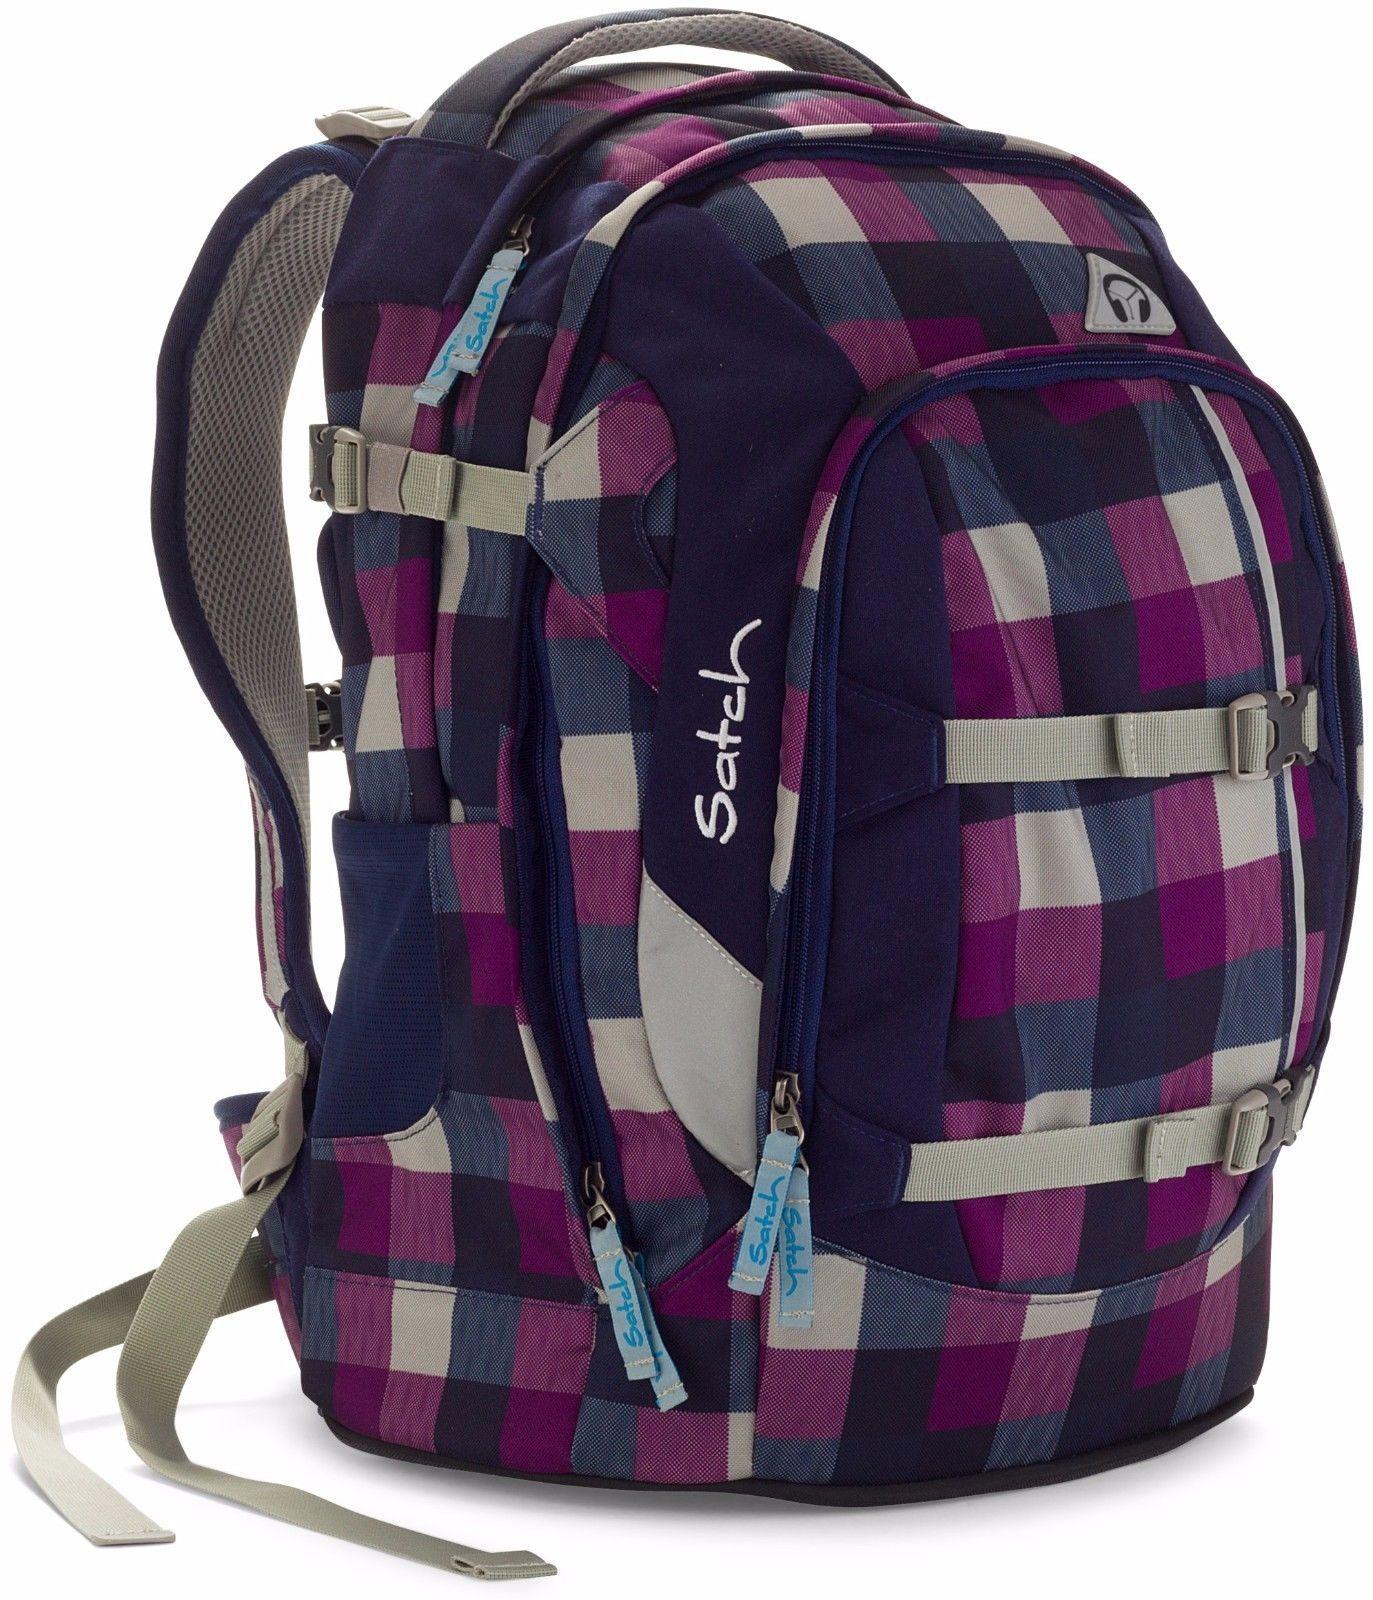 hübsch und bunt Spielraum ziemlich cool Ergobag satch PACK Schulrucksack Schulmappe Schultasche ...